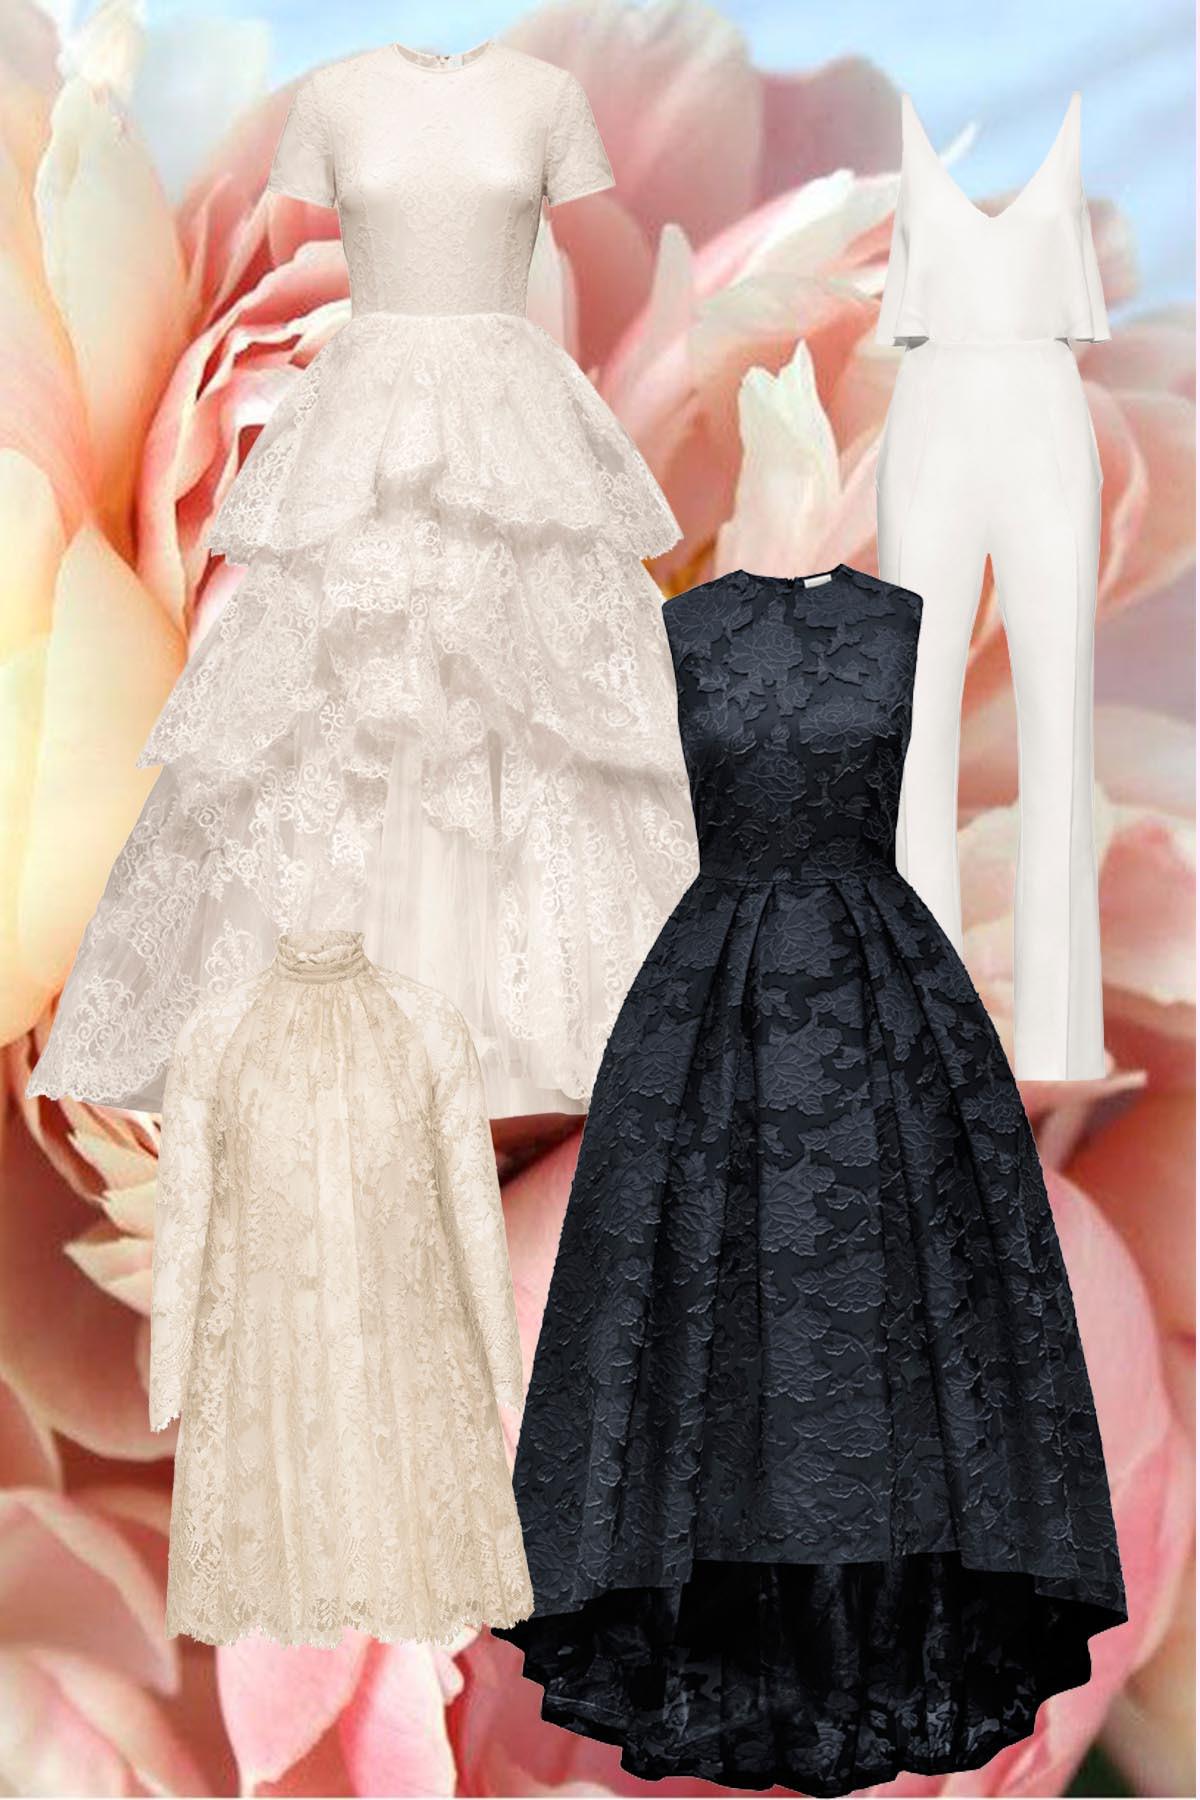 Hochzeitskleid M  Hochzeitskleid h und m – Dein neuer Kleiderfotoblog